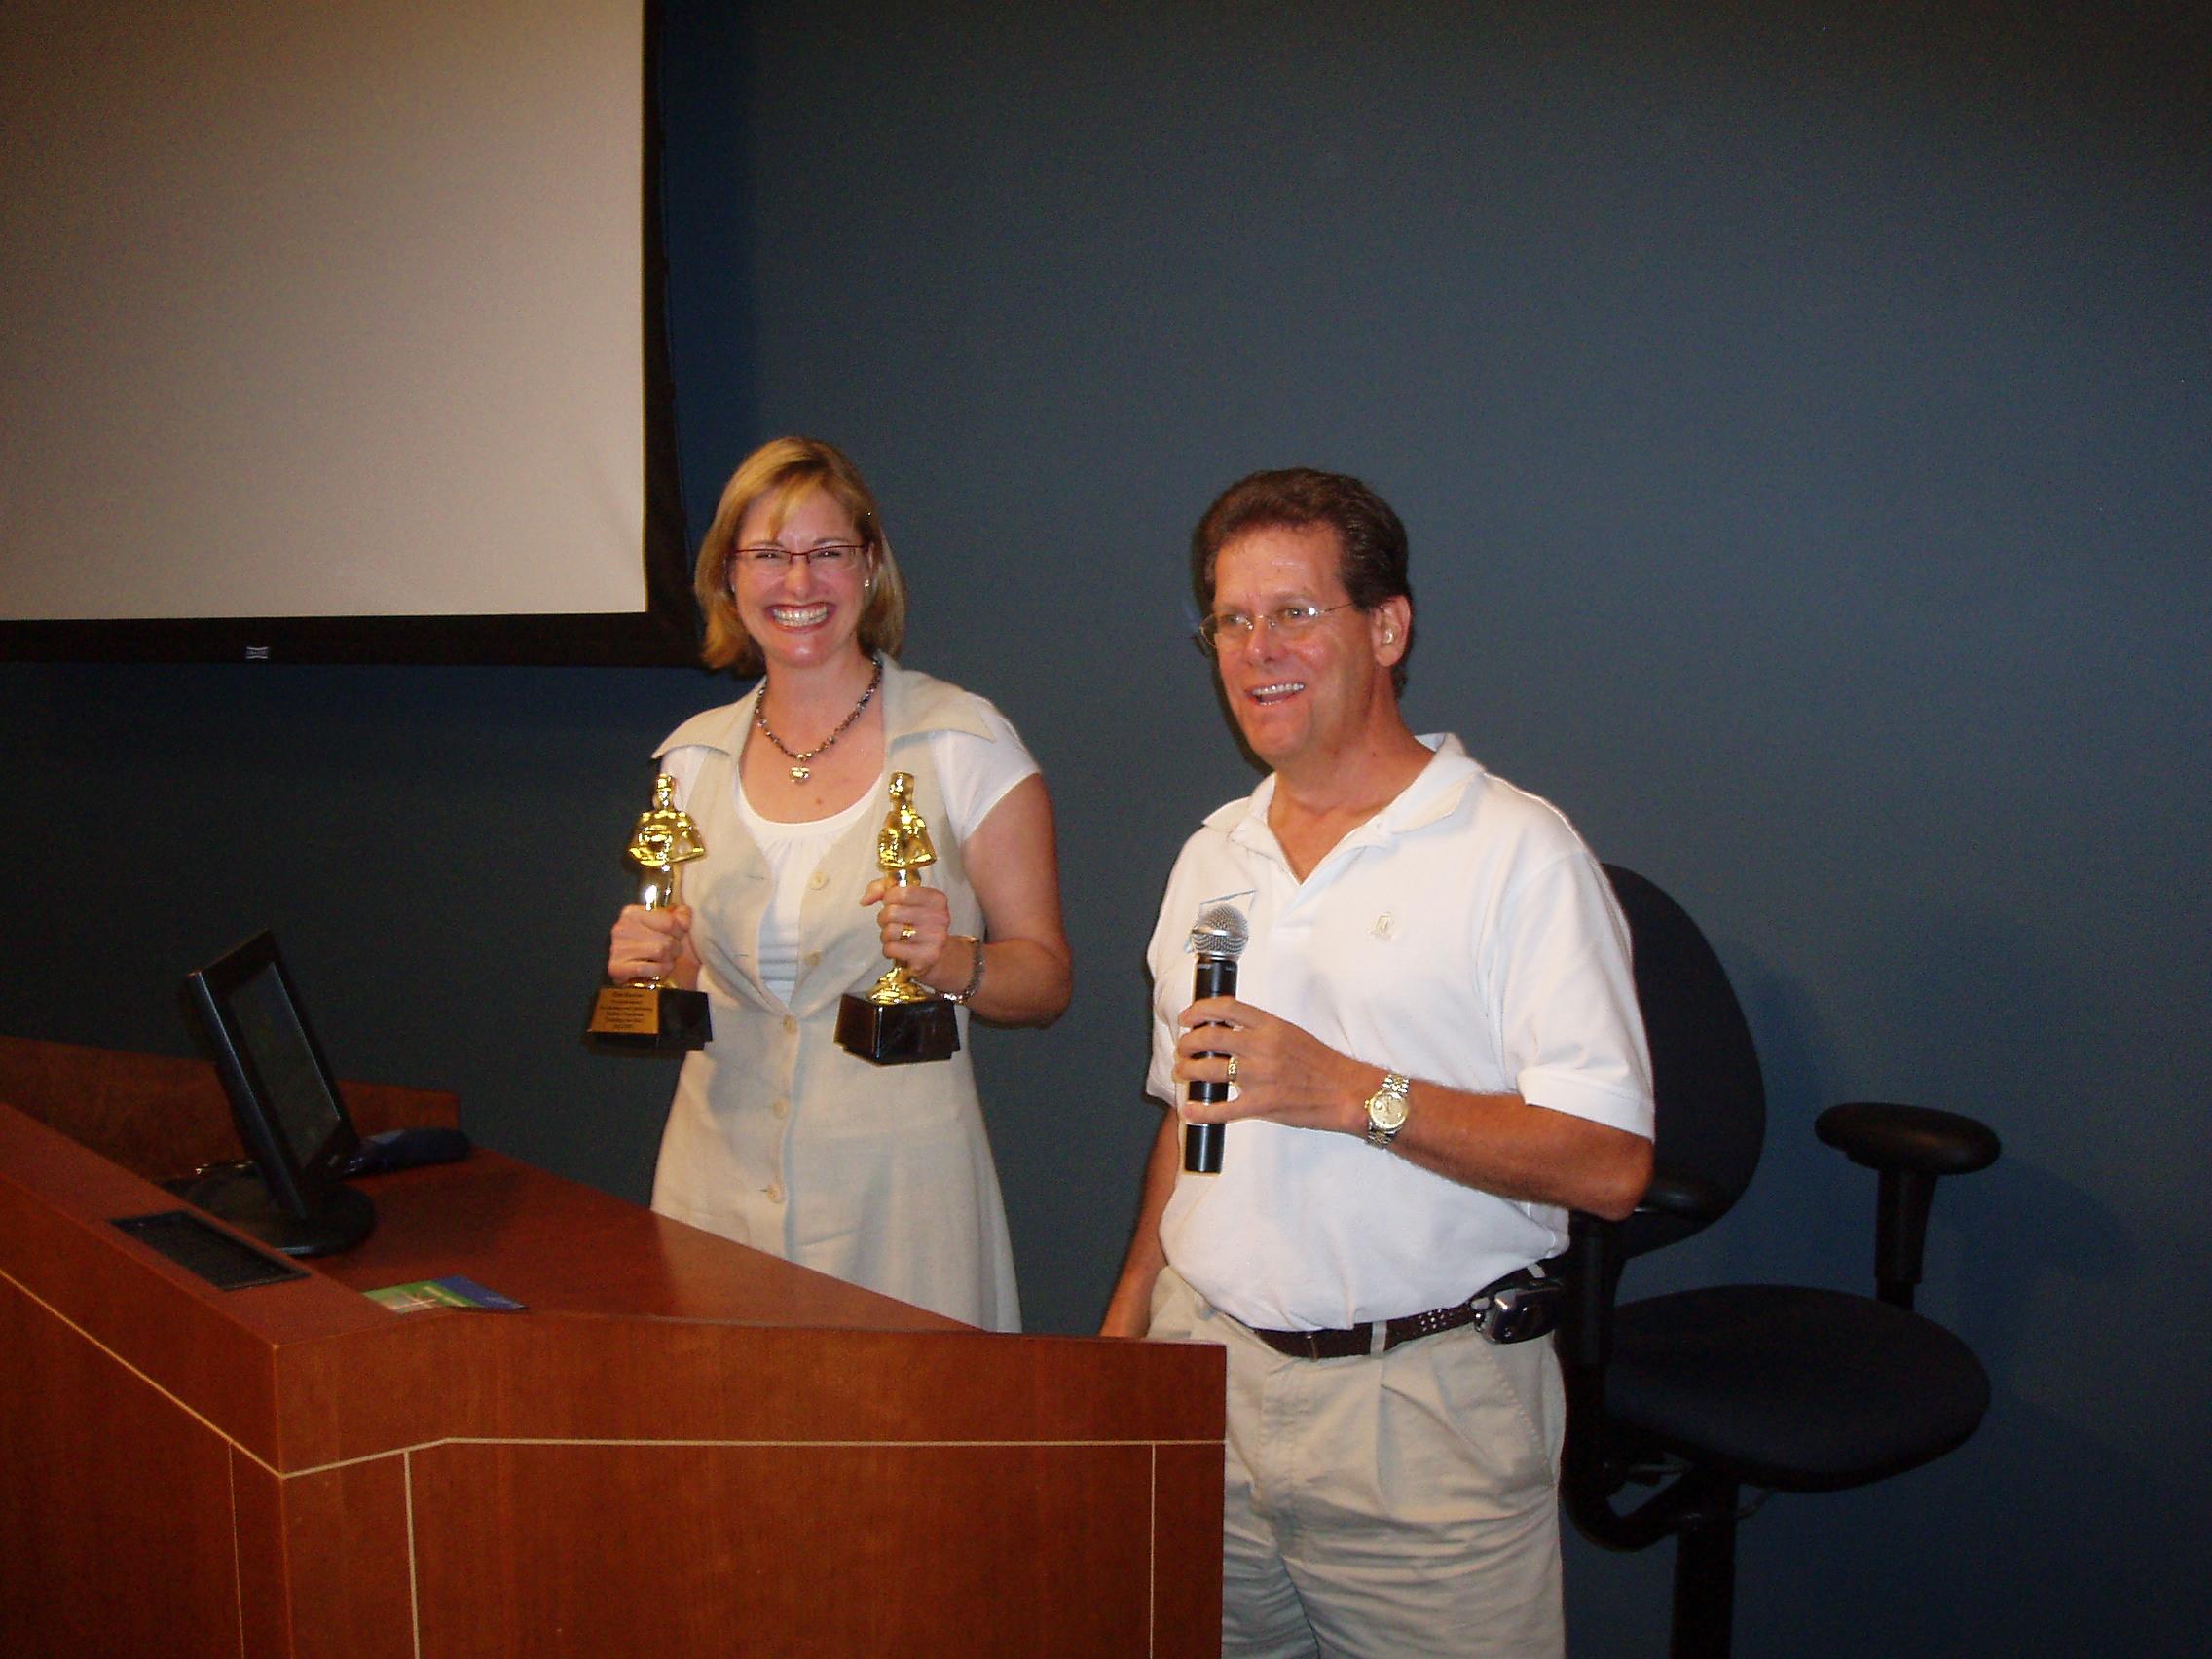 Kim Barwise & Rick Bishop